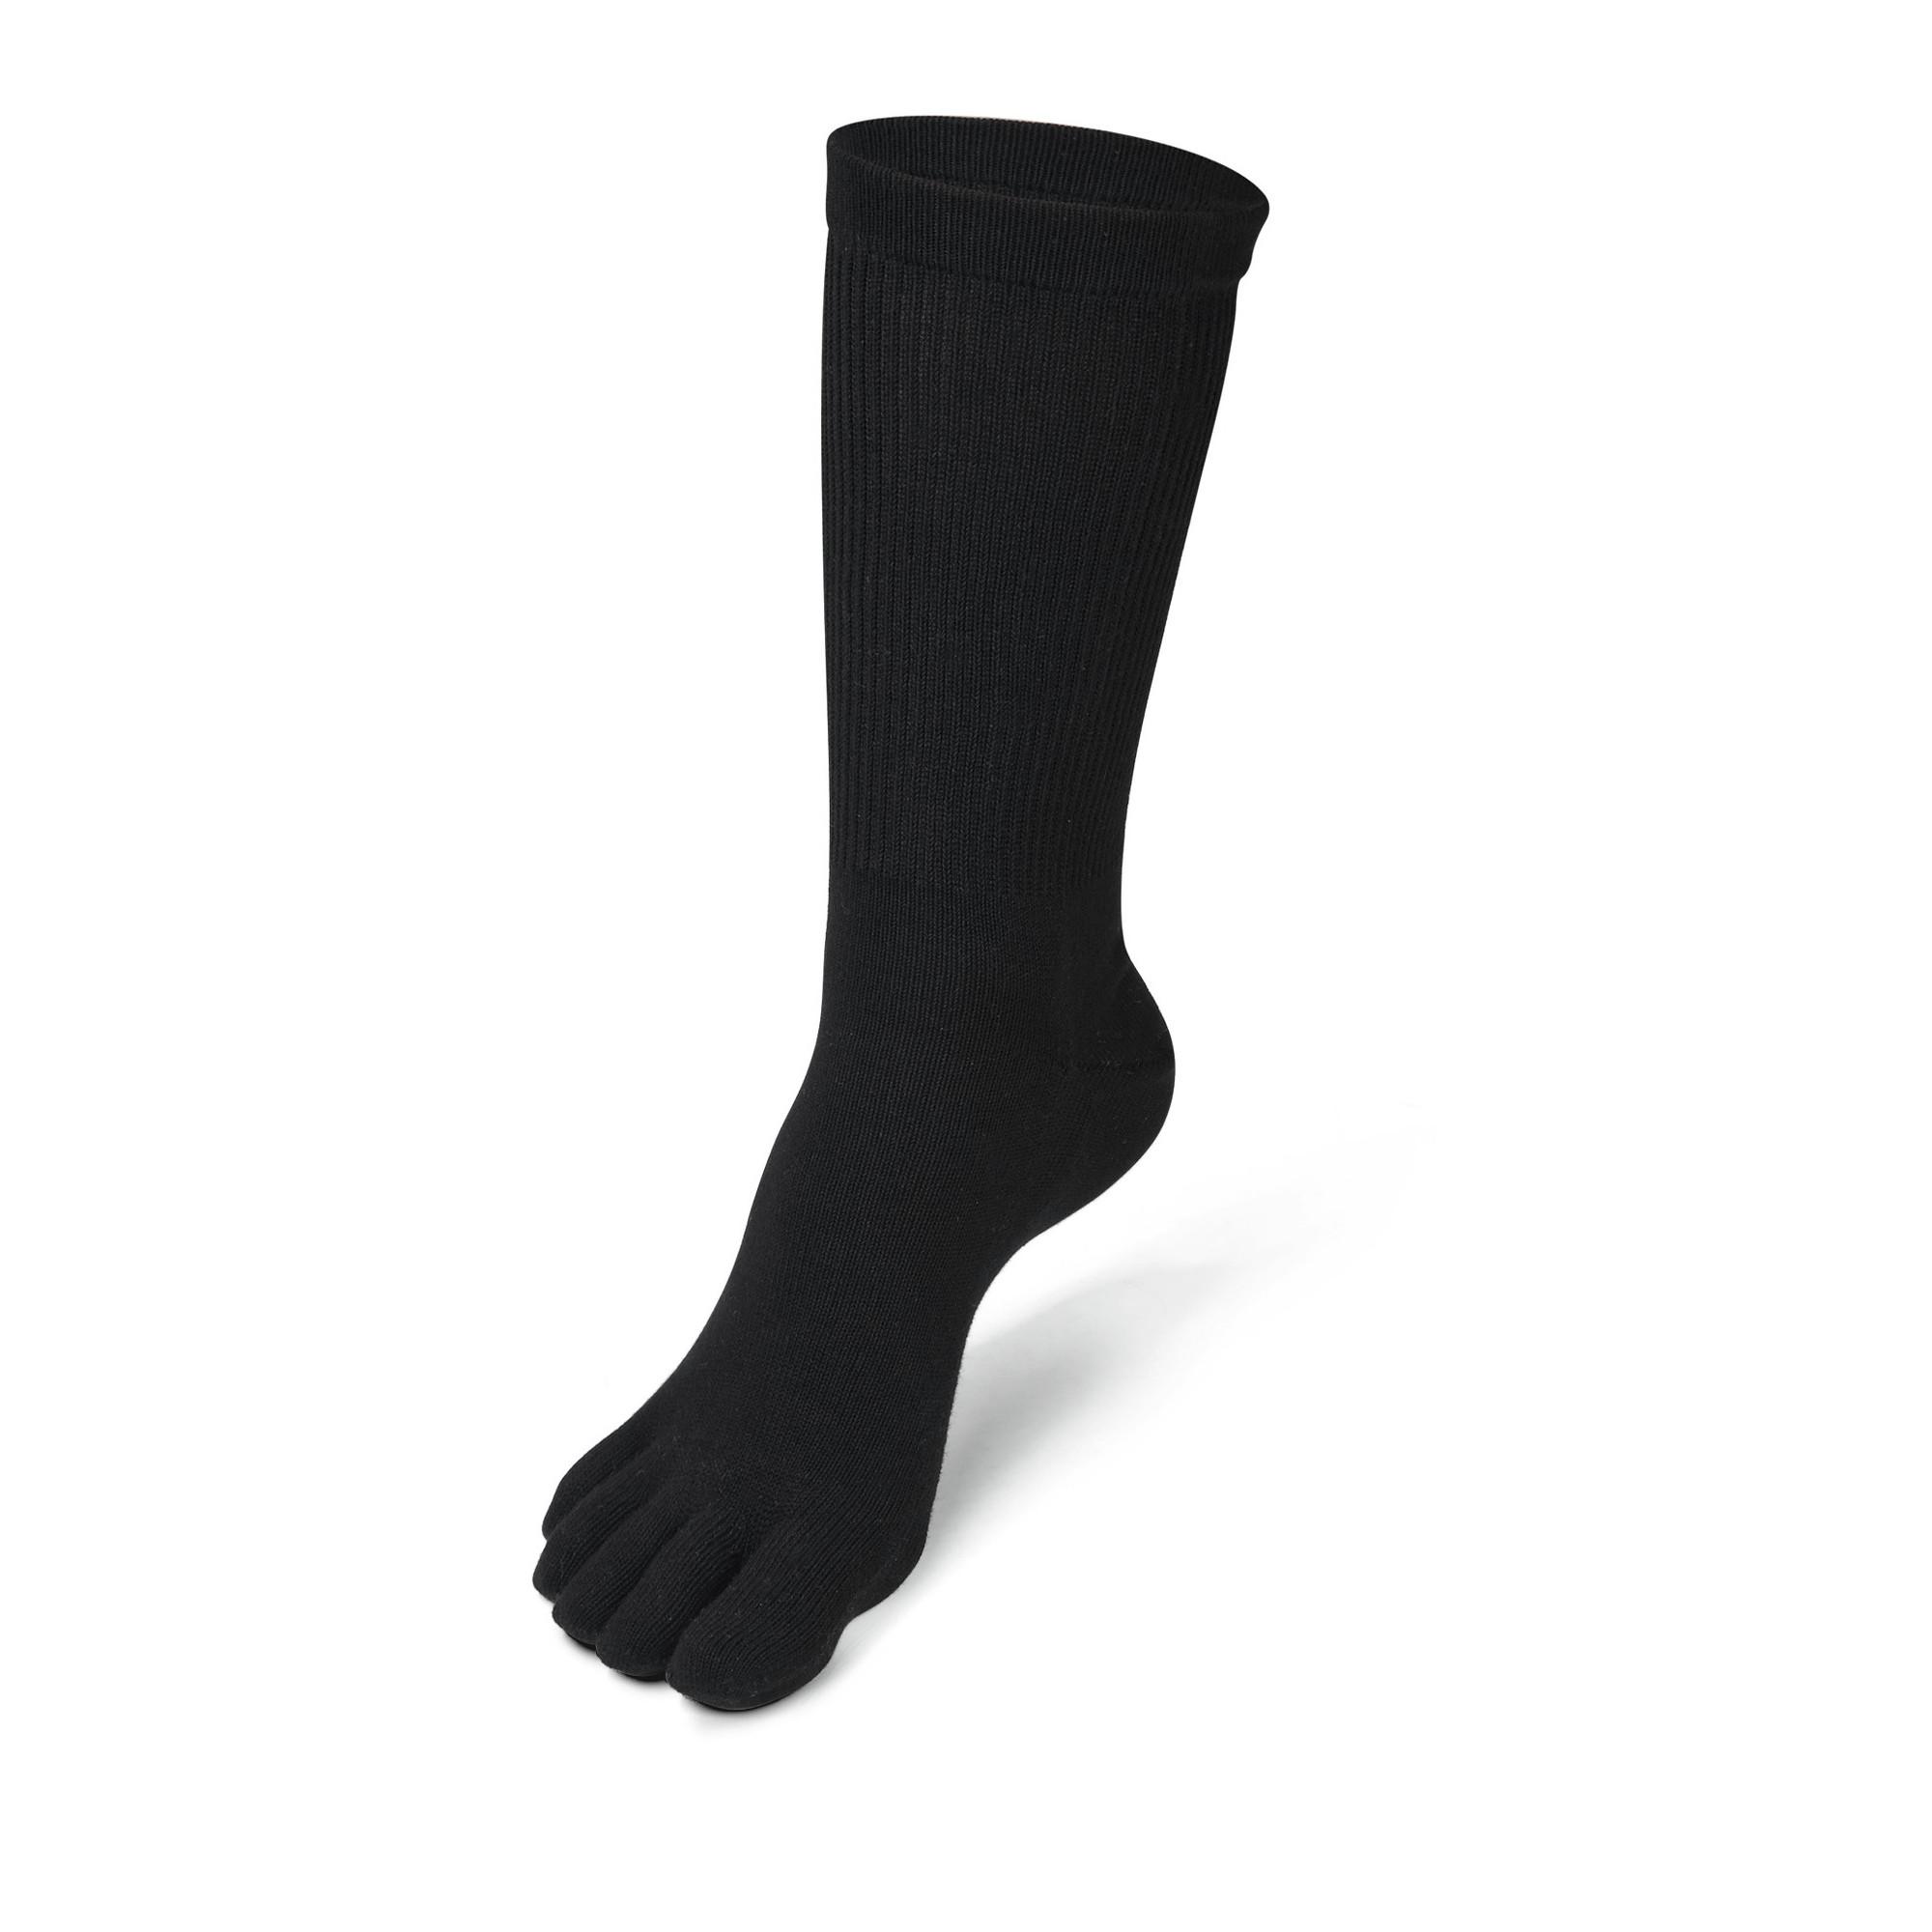 Chaussettes à bout avec ceinture confort - Ruck